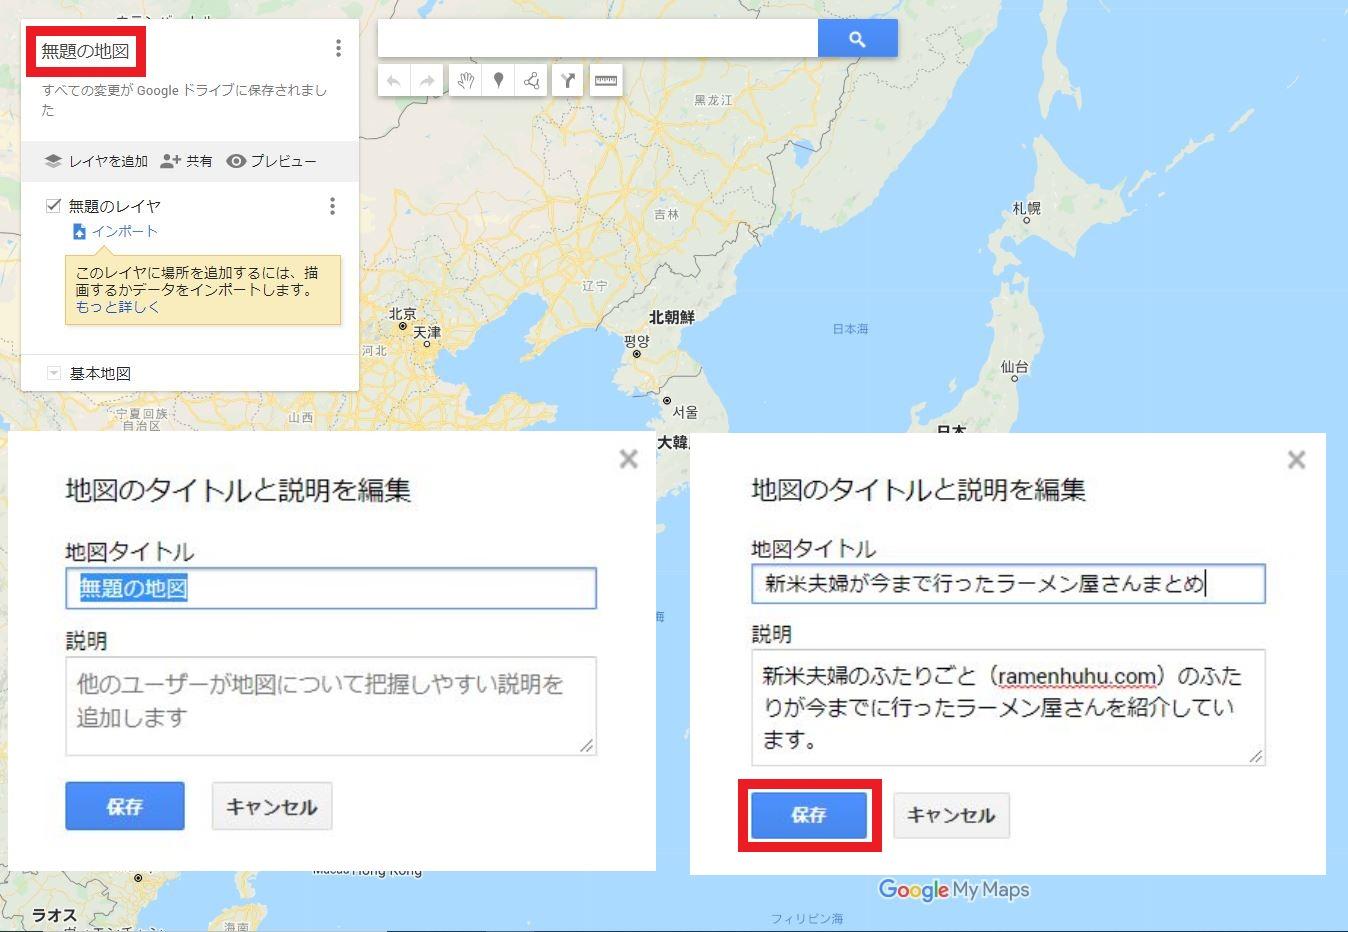 Googleマップでマイプレイスを作る方法3